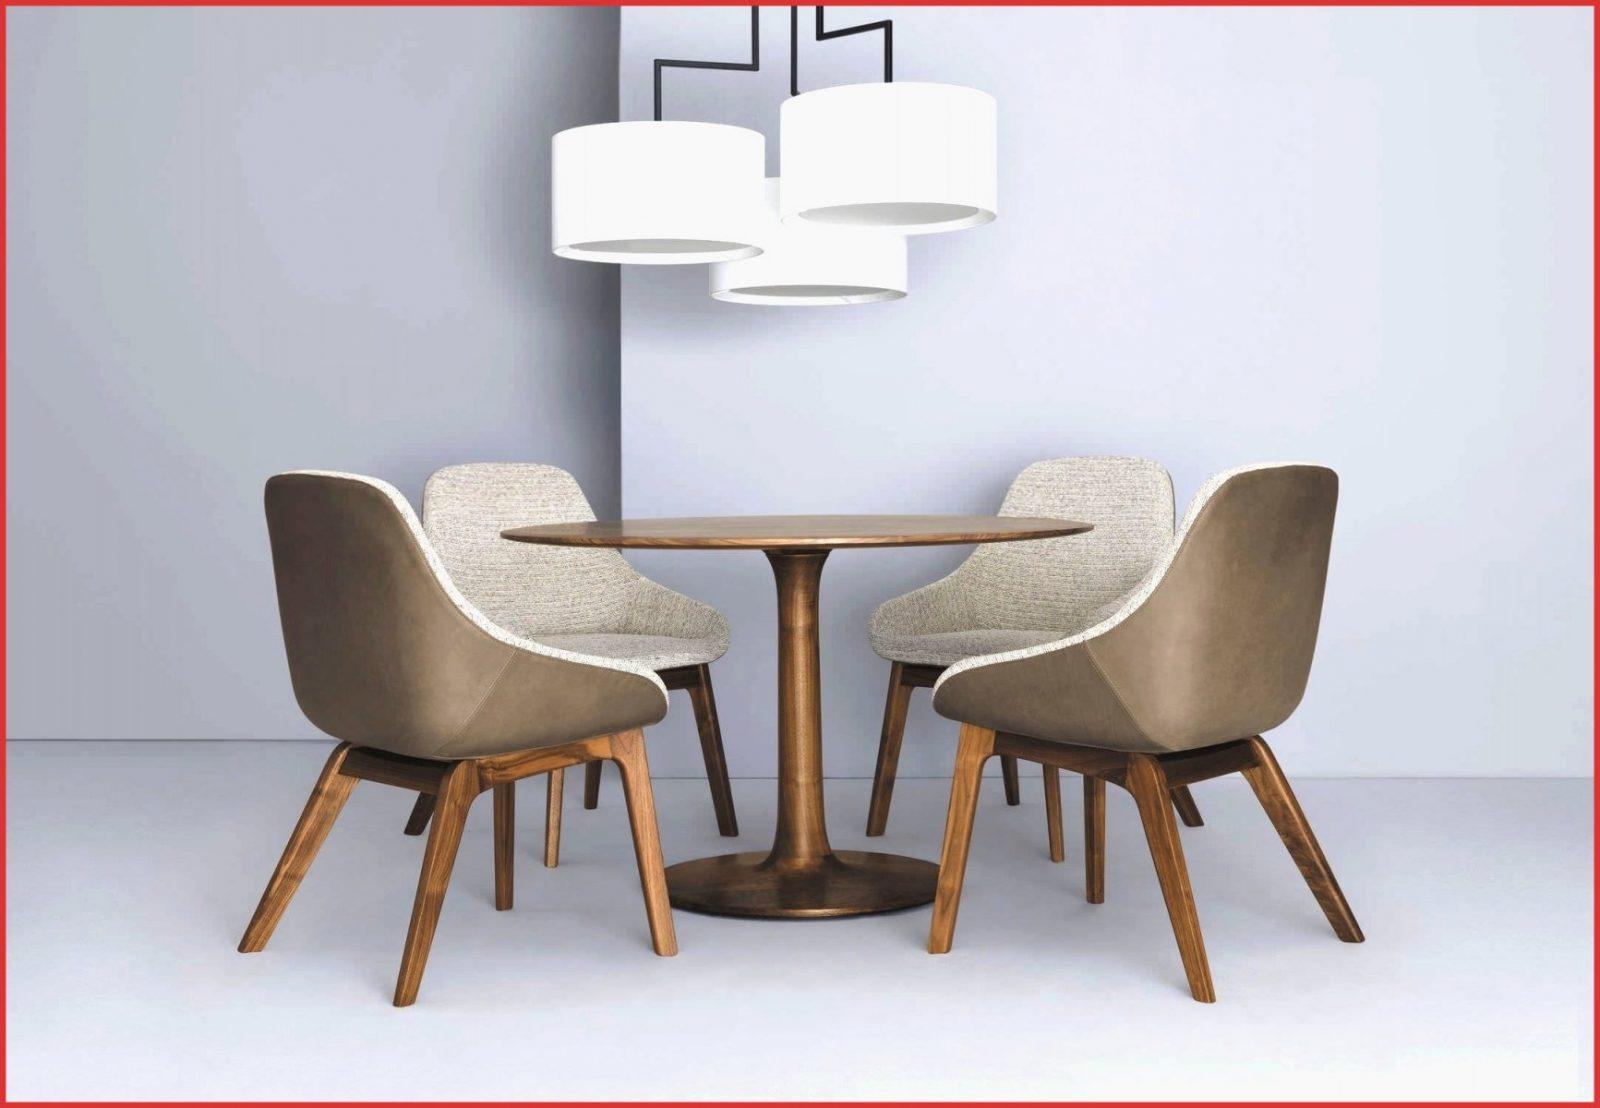 Einzigartig Kantinen Tische Und Stühle Fotos Von Stühle Dekoratives von Stühle Und Tische Für Gastronomie Gebraucht Bild